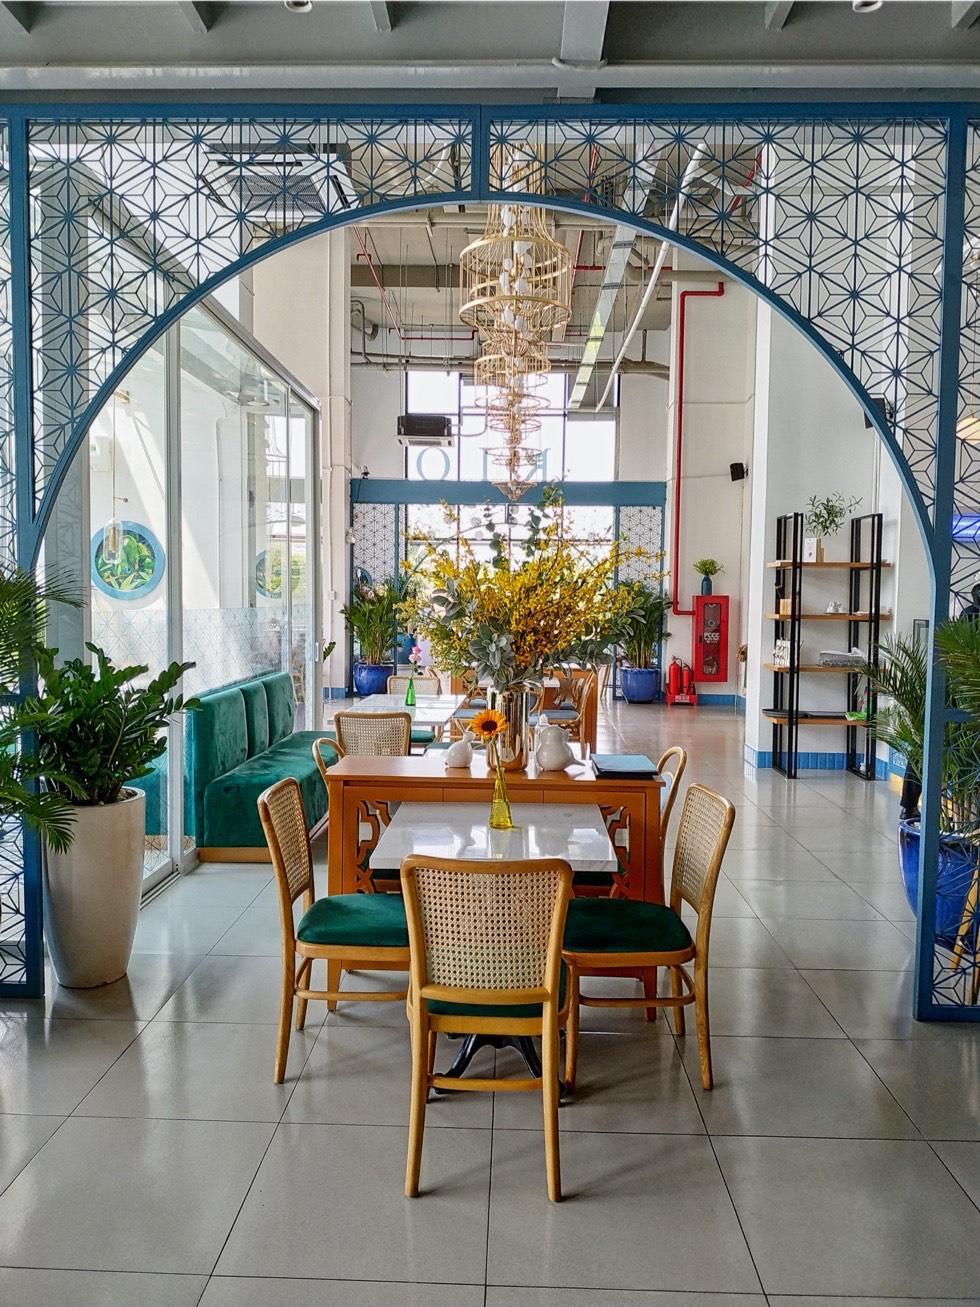 Rio Cafe Arches